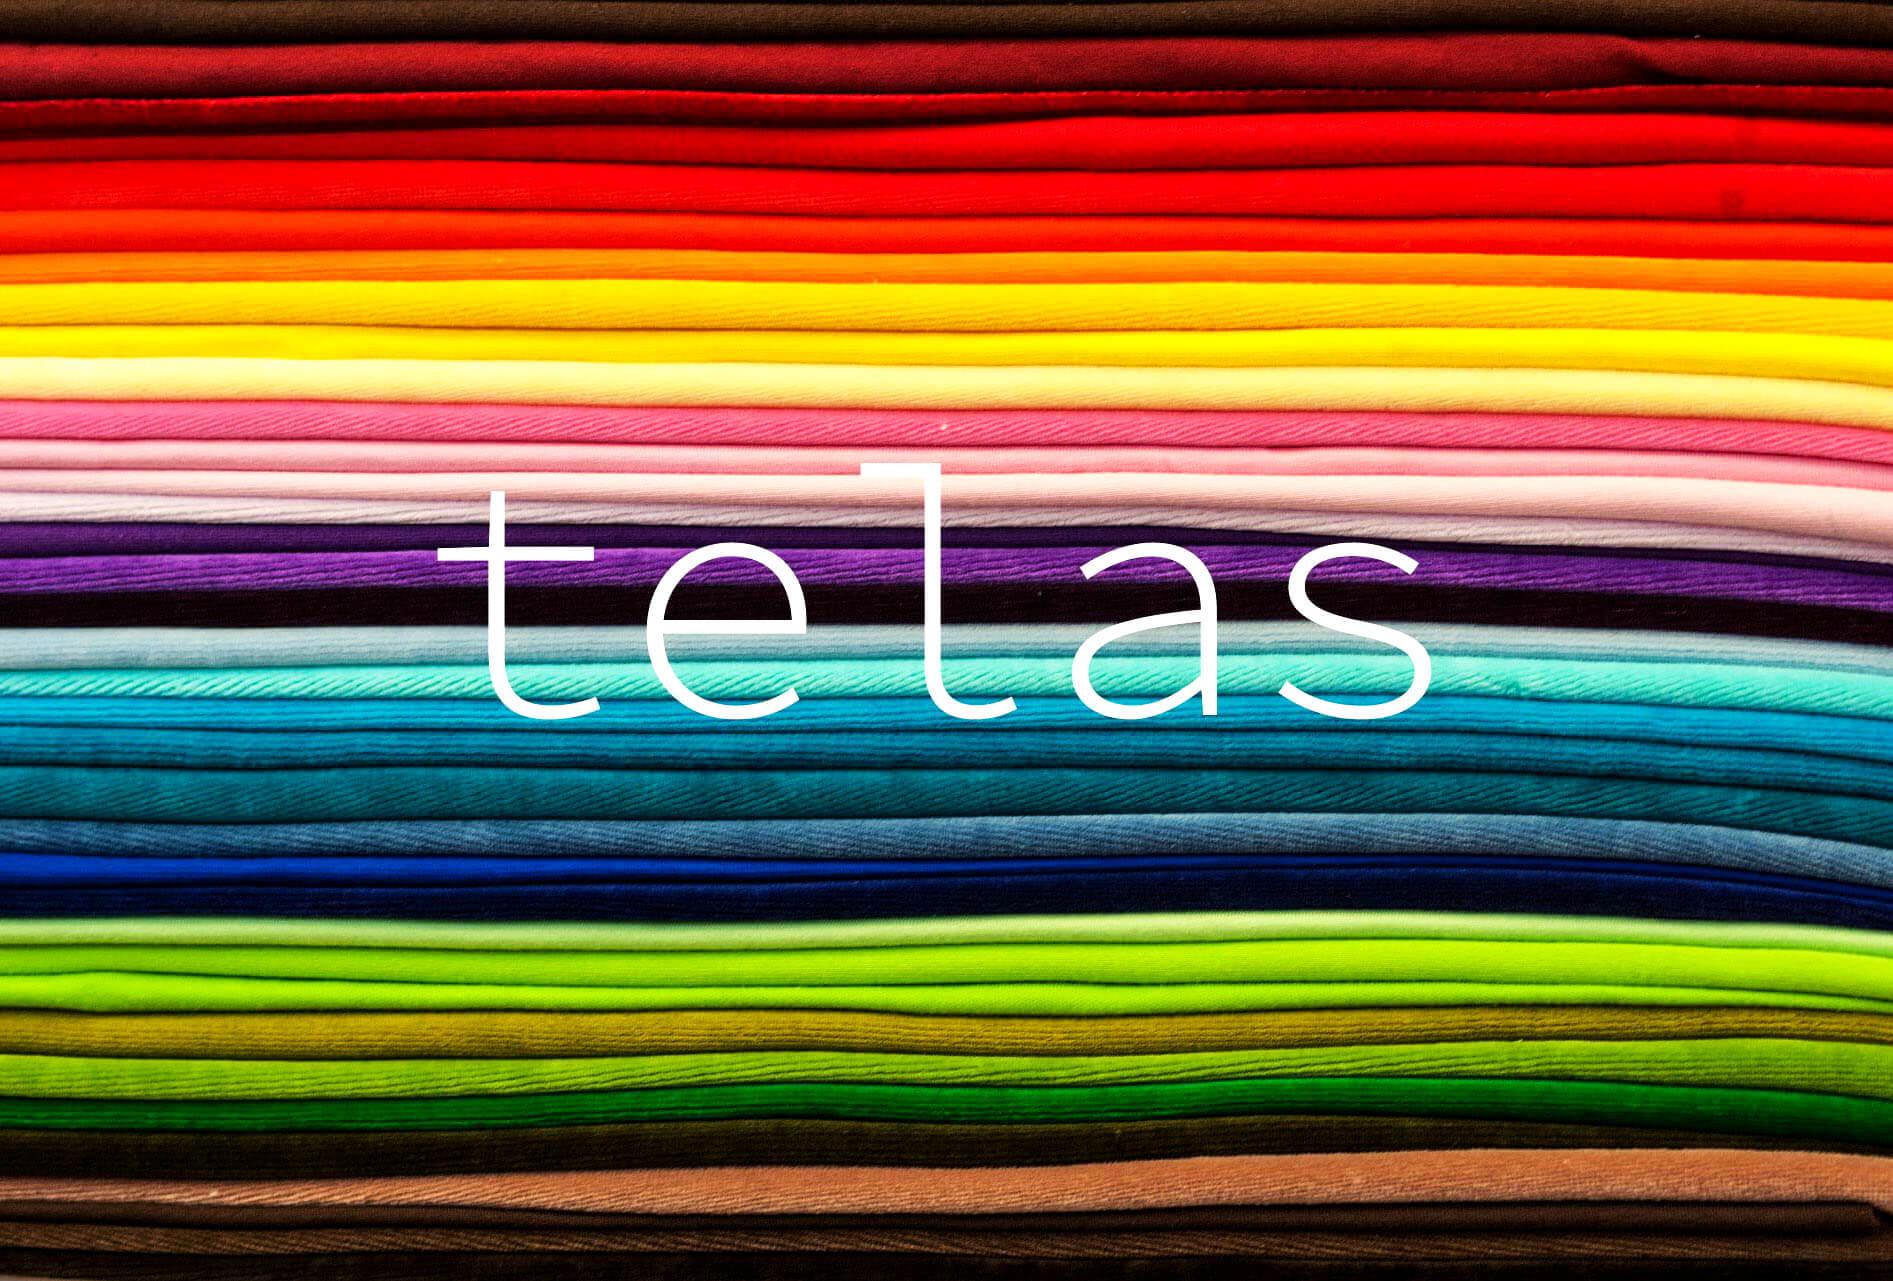 TIPOS DE TELAS COMERCIALES - Como seleccionar la mejor tela para tus uniformes de trabajo?